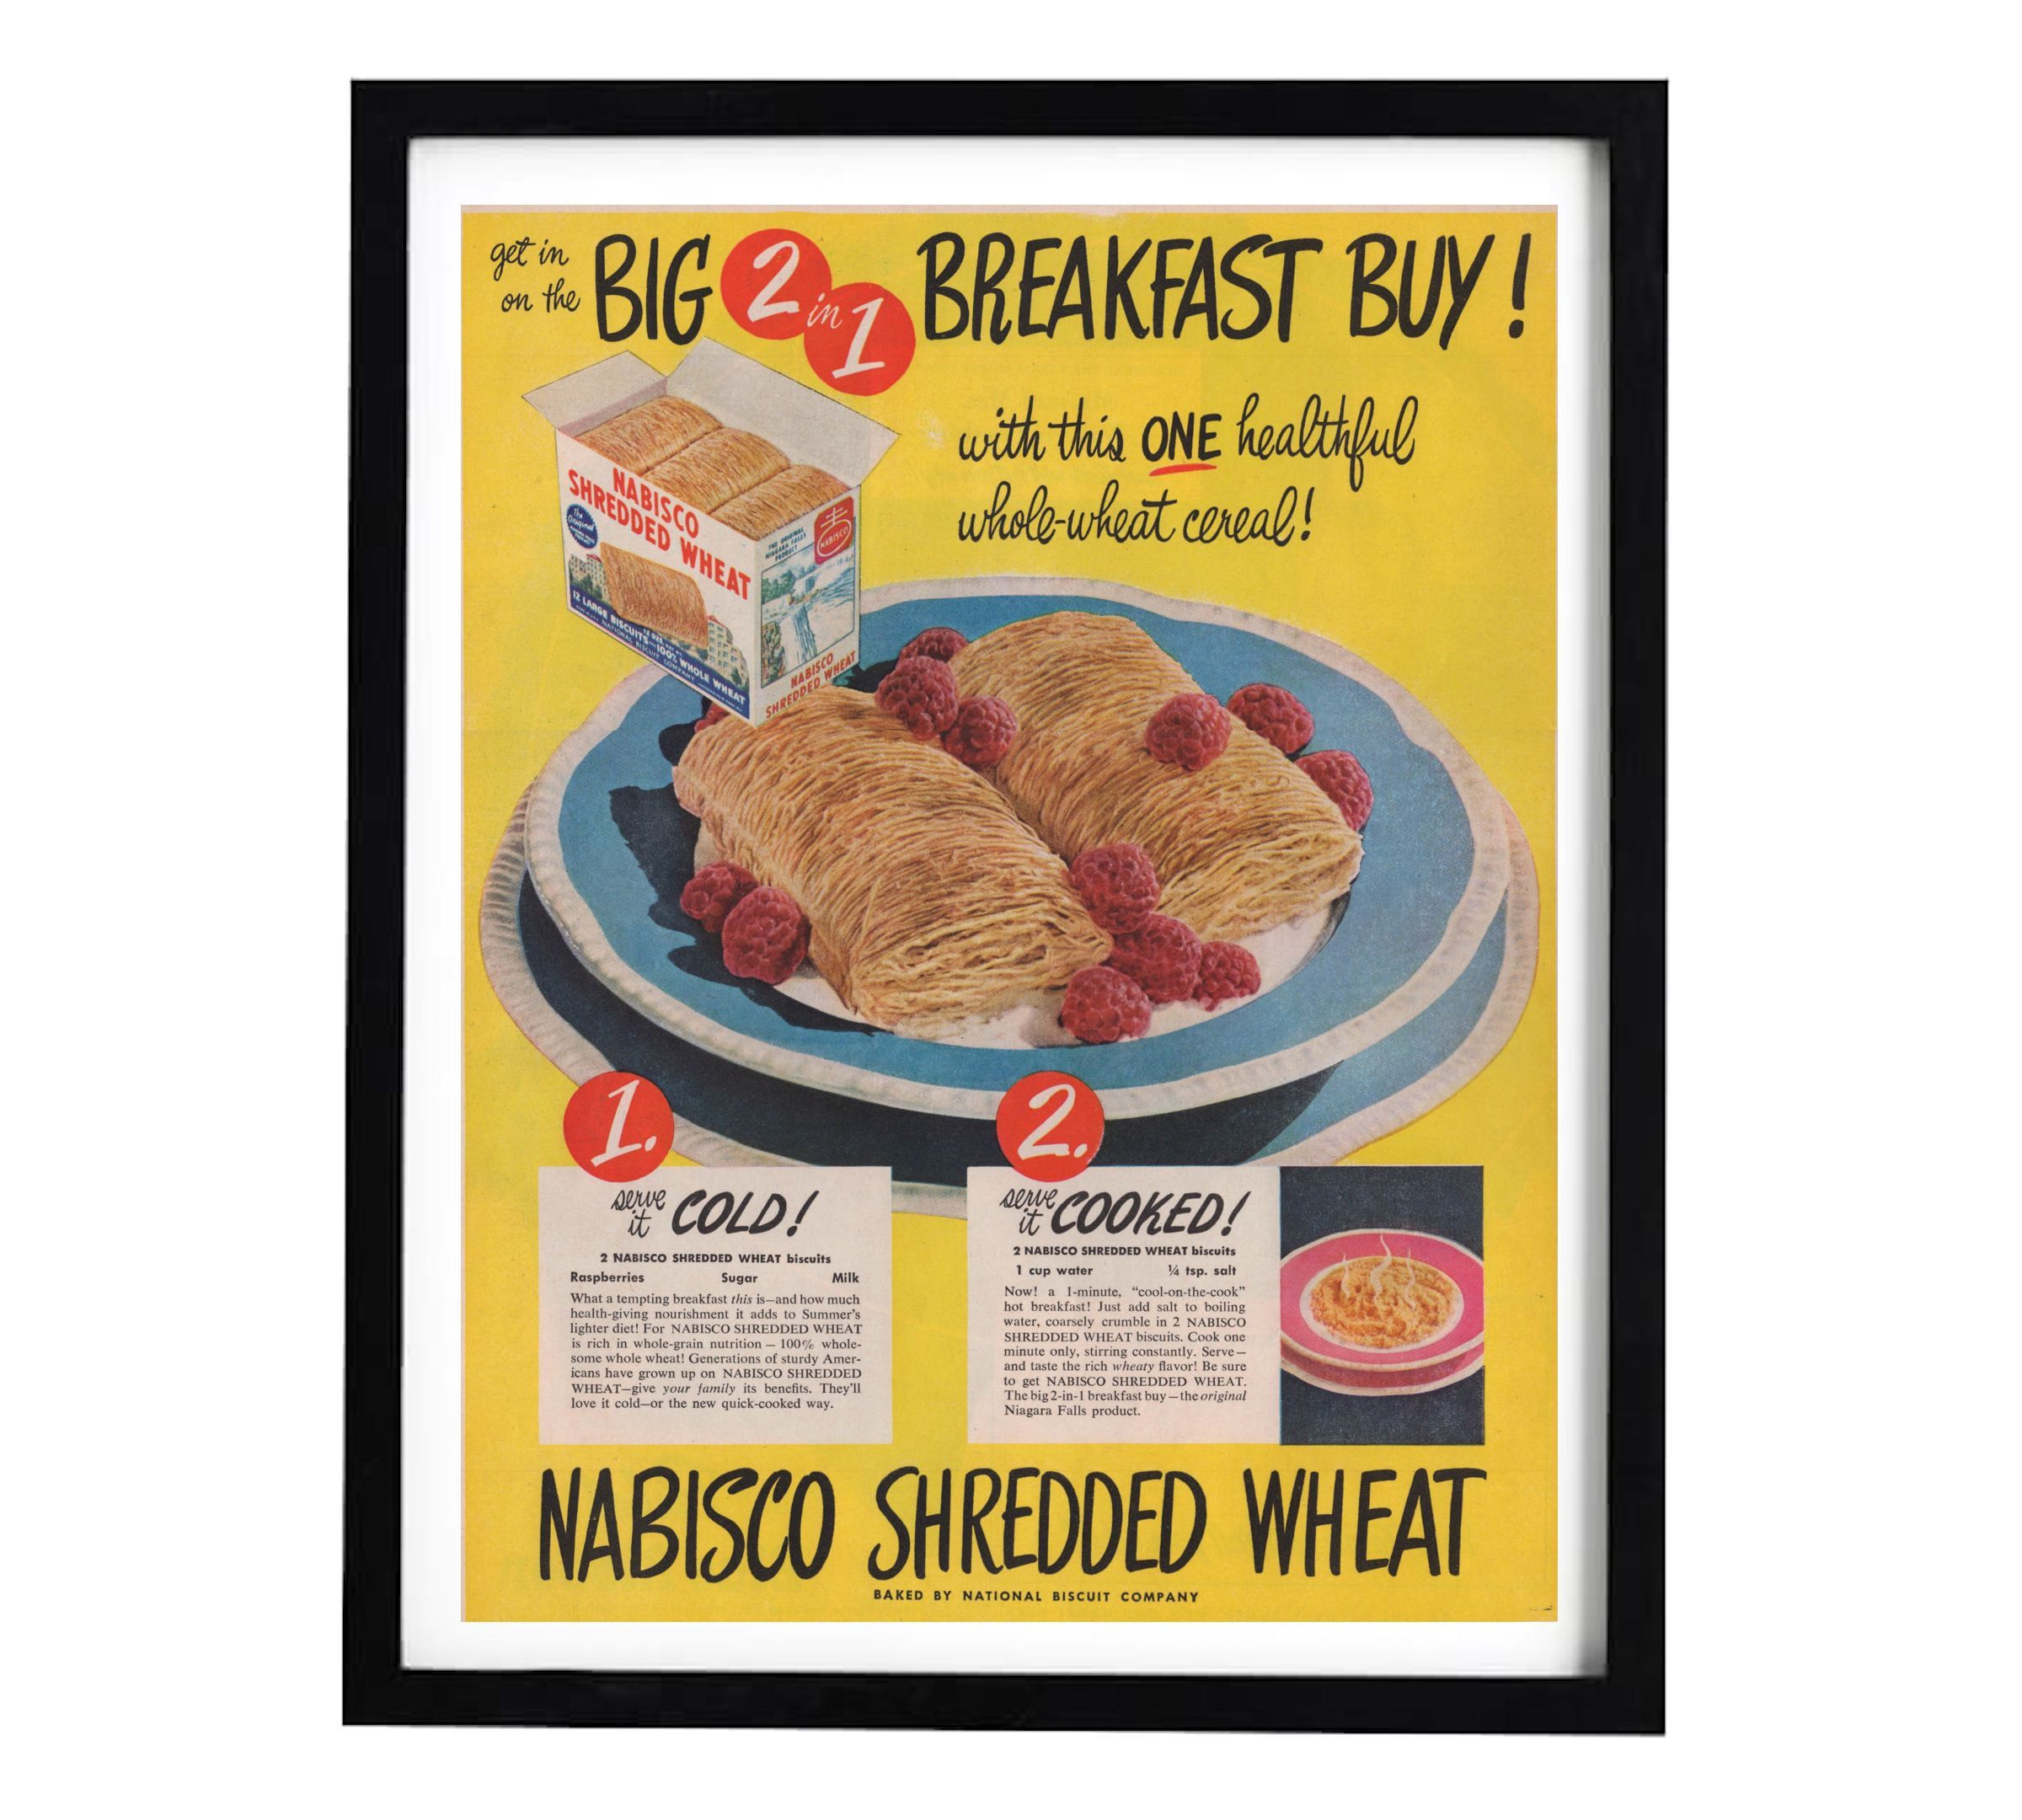 breakfast advertisements ile ilgili görsel sonucu